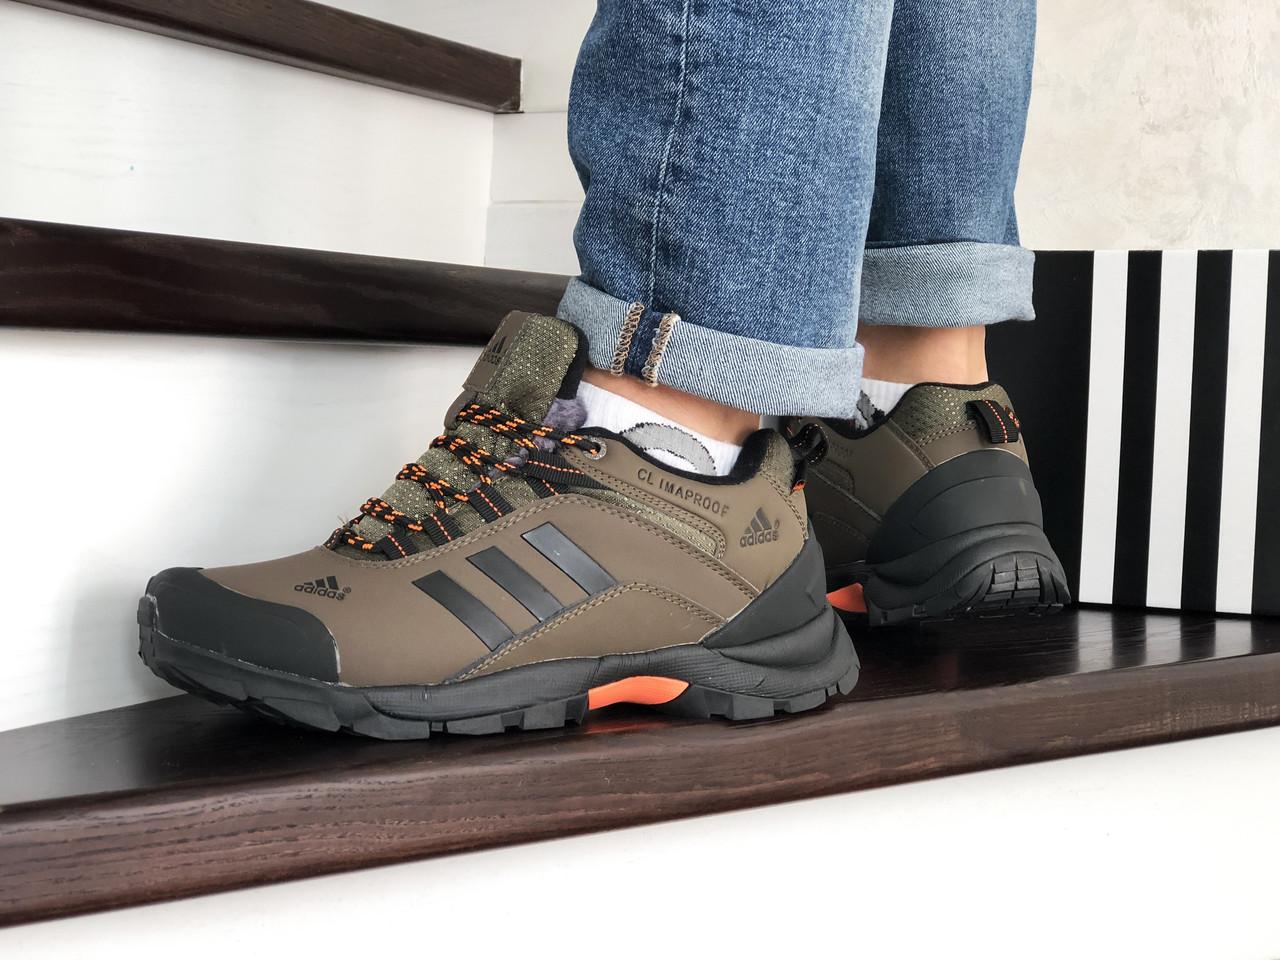 Кроссовки мужские Adidas Climaproof  осенние теплые удобные спортивные (зеленые), ТОП-реплика